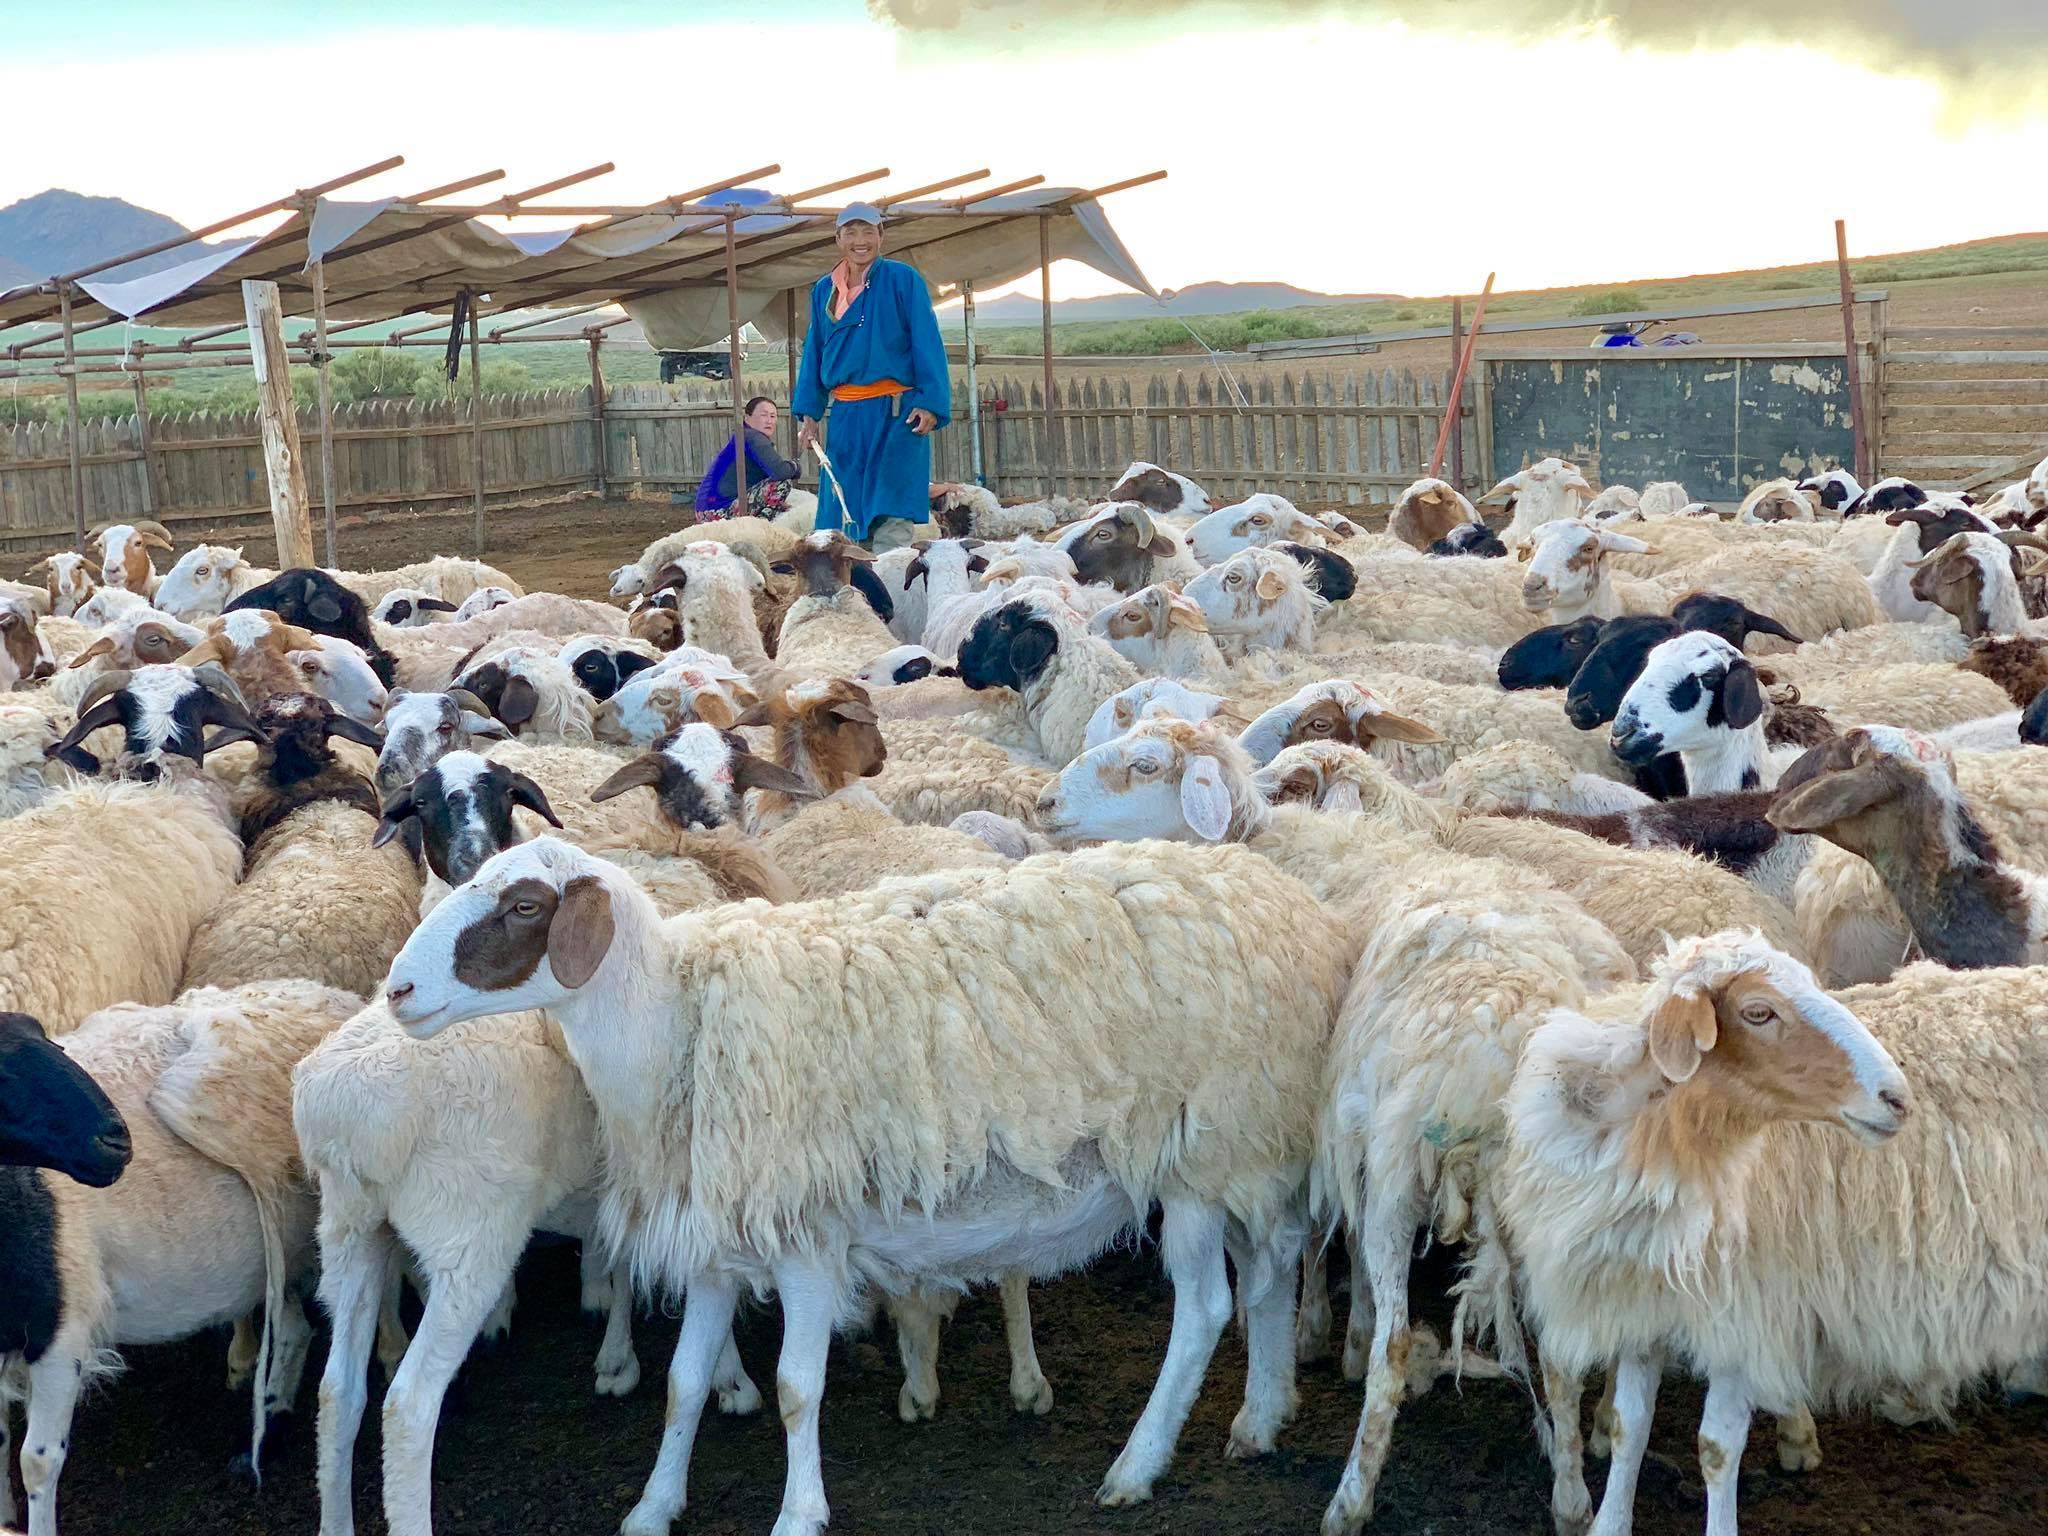 Kach Solo Travels in 2019 Nomadic family in Elsen Tasarkhai21.jpg